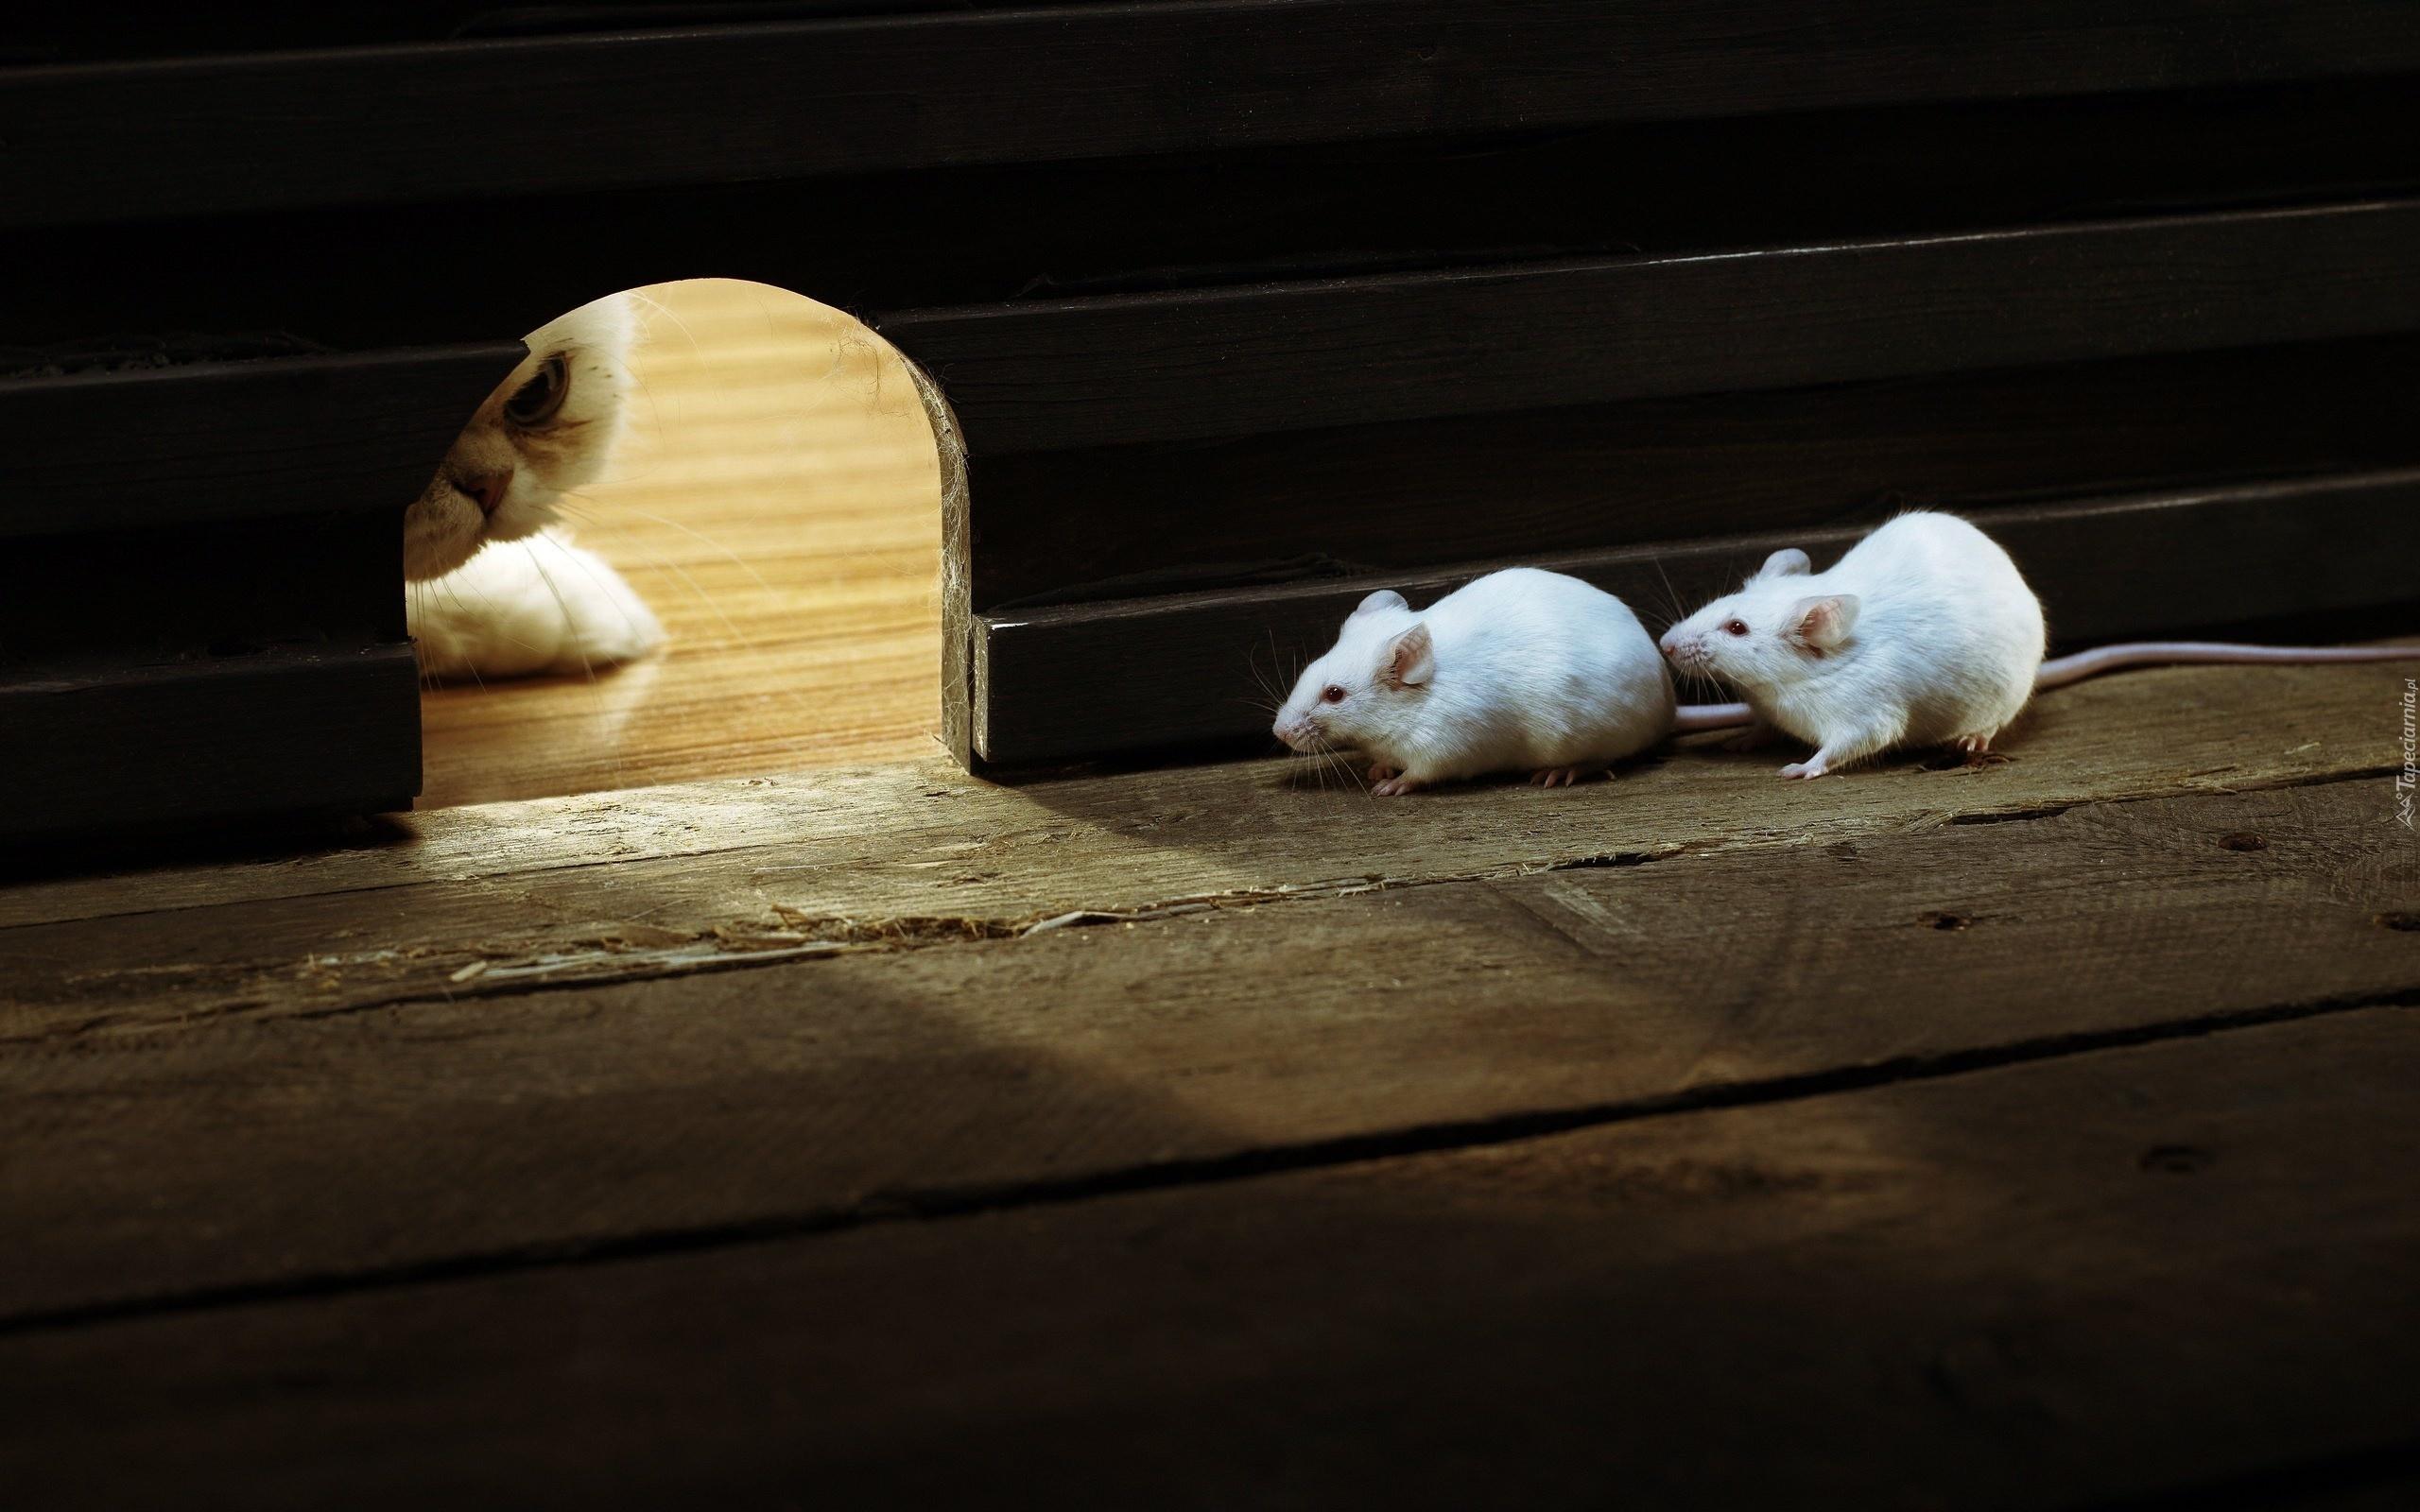 Dwie Myszki Otwór Przyczajony Kot